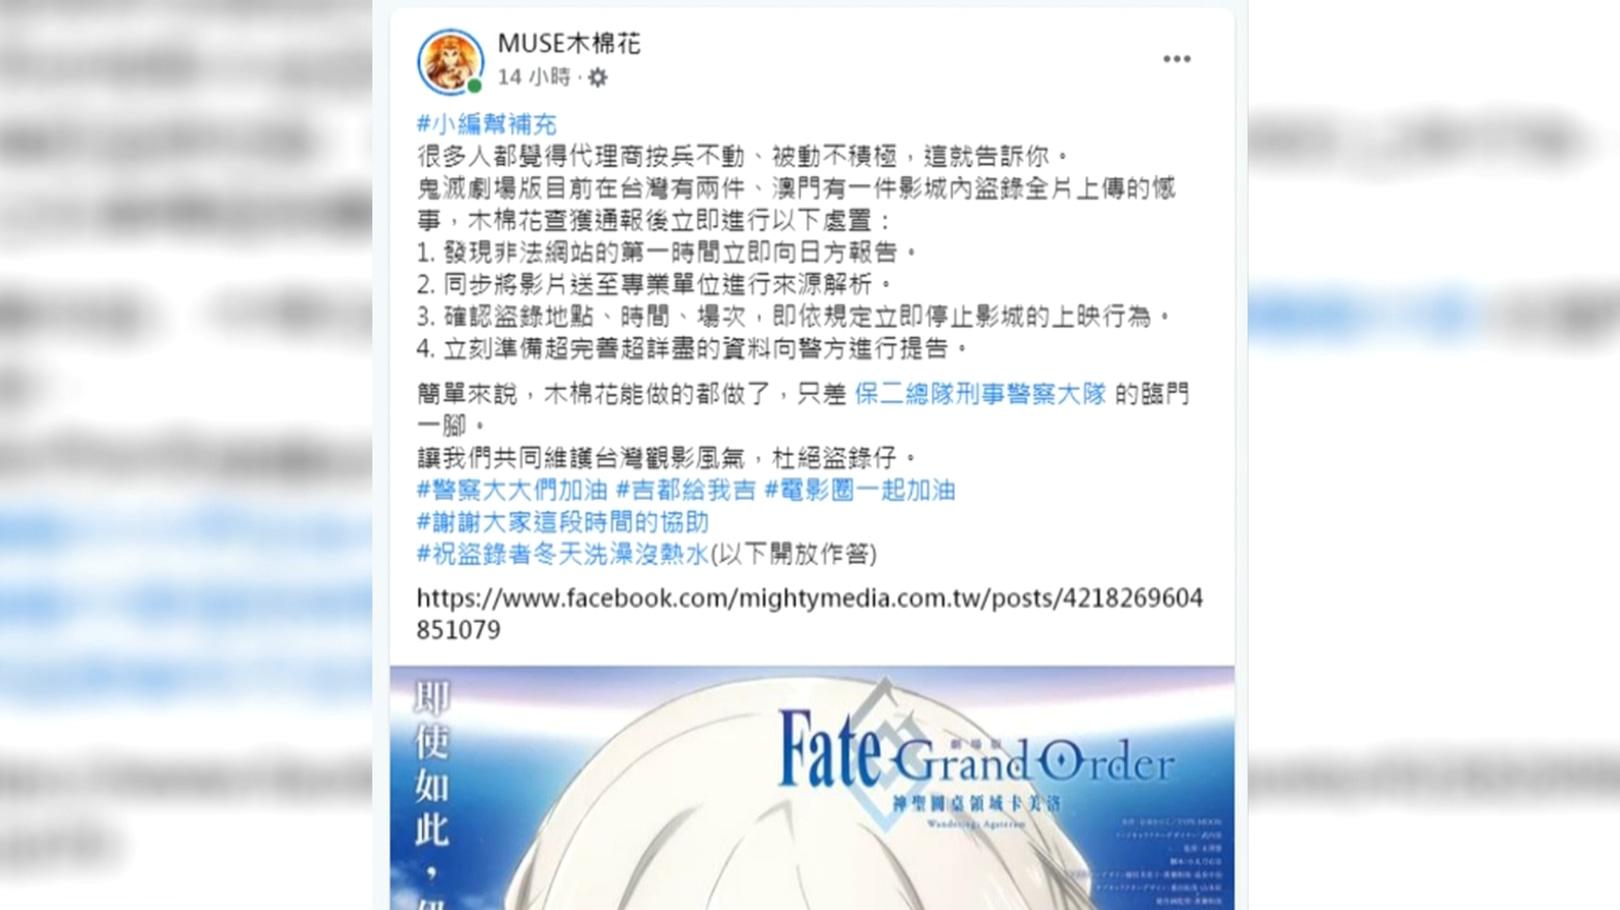 盜錄鬼滅害全台! 4D版延後上映 日本重新審視台灣